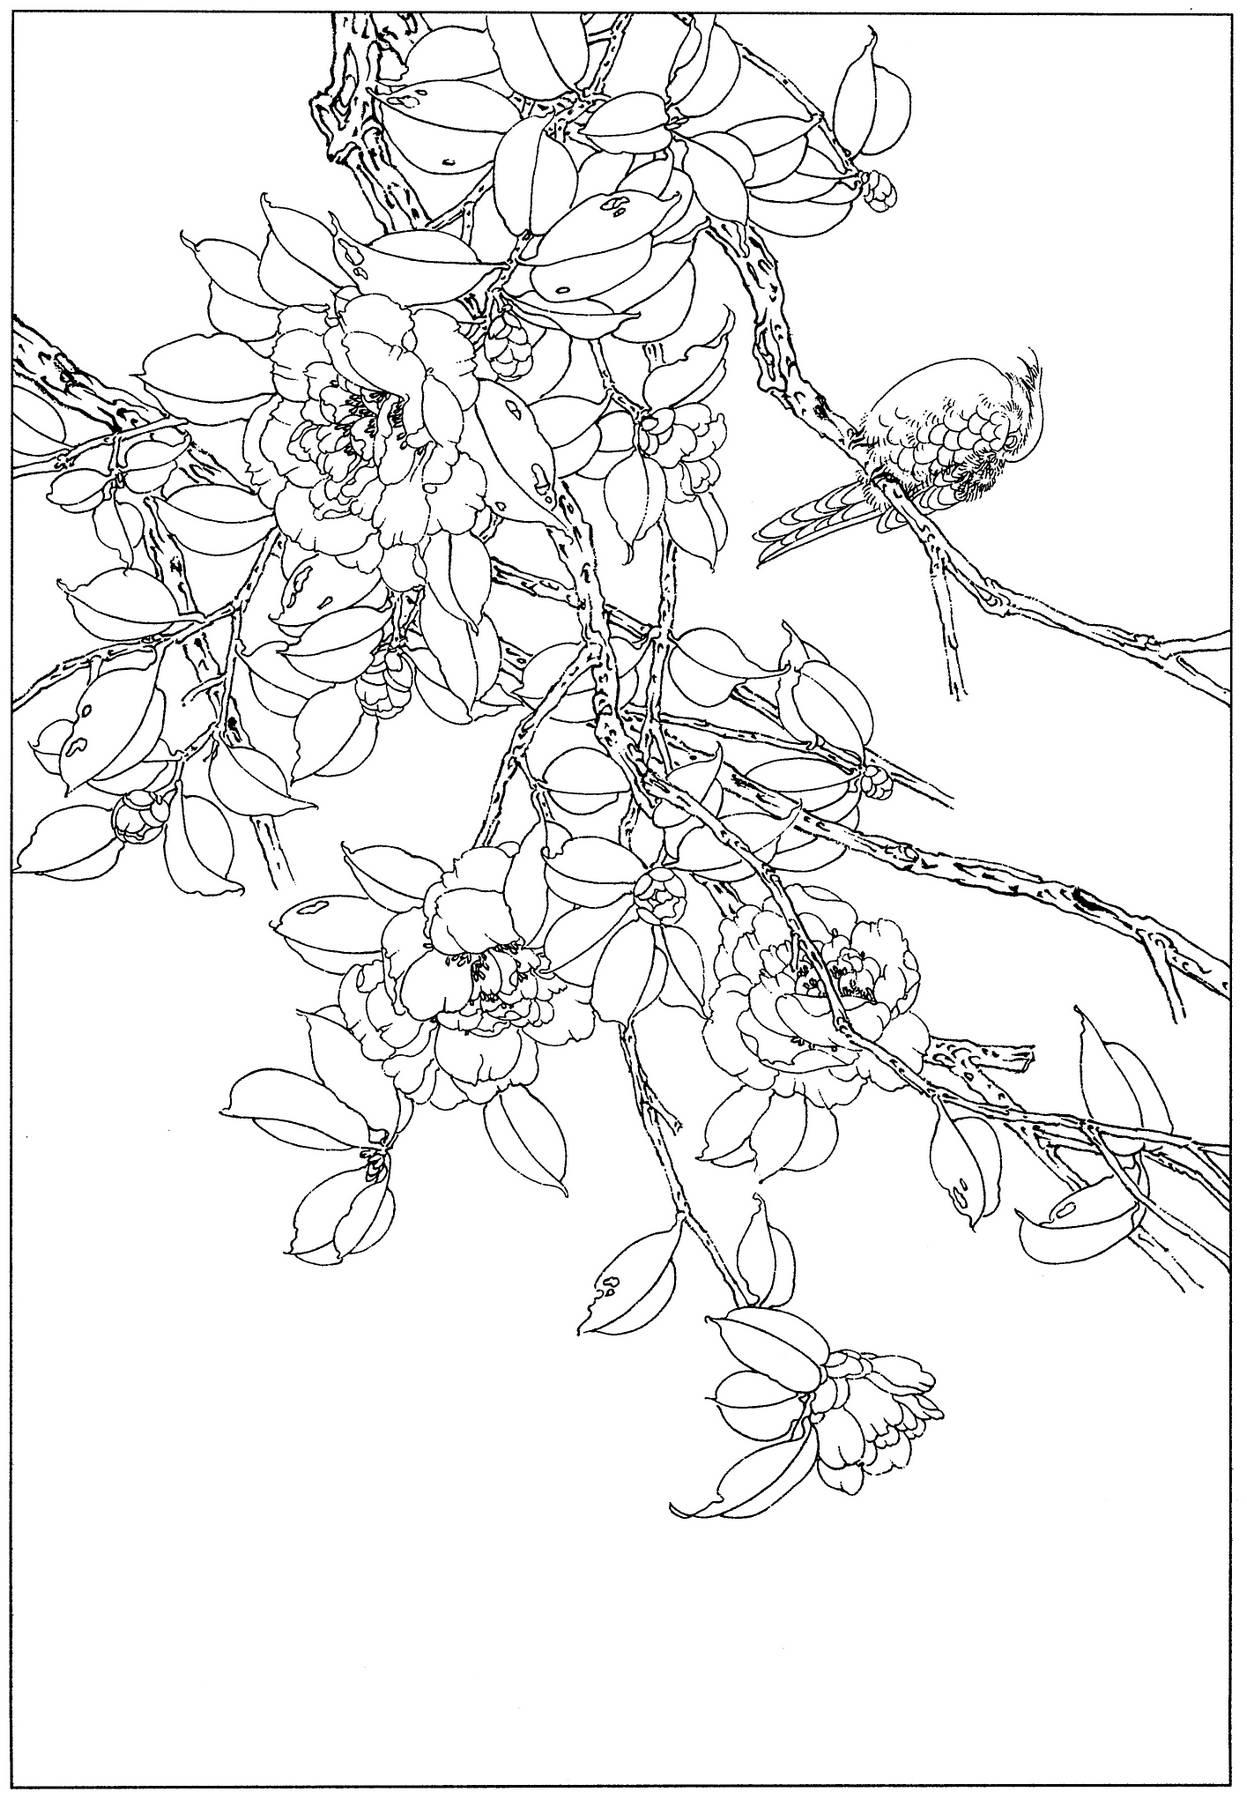 0034_工笔画茶花白描线稿素材高清图_0x0px_jpg_600dpi_3